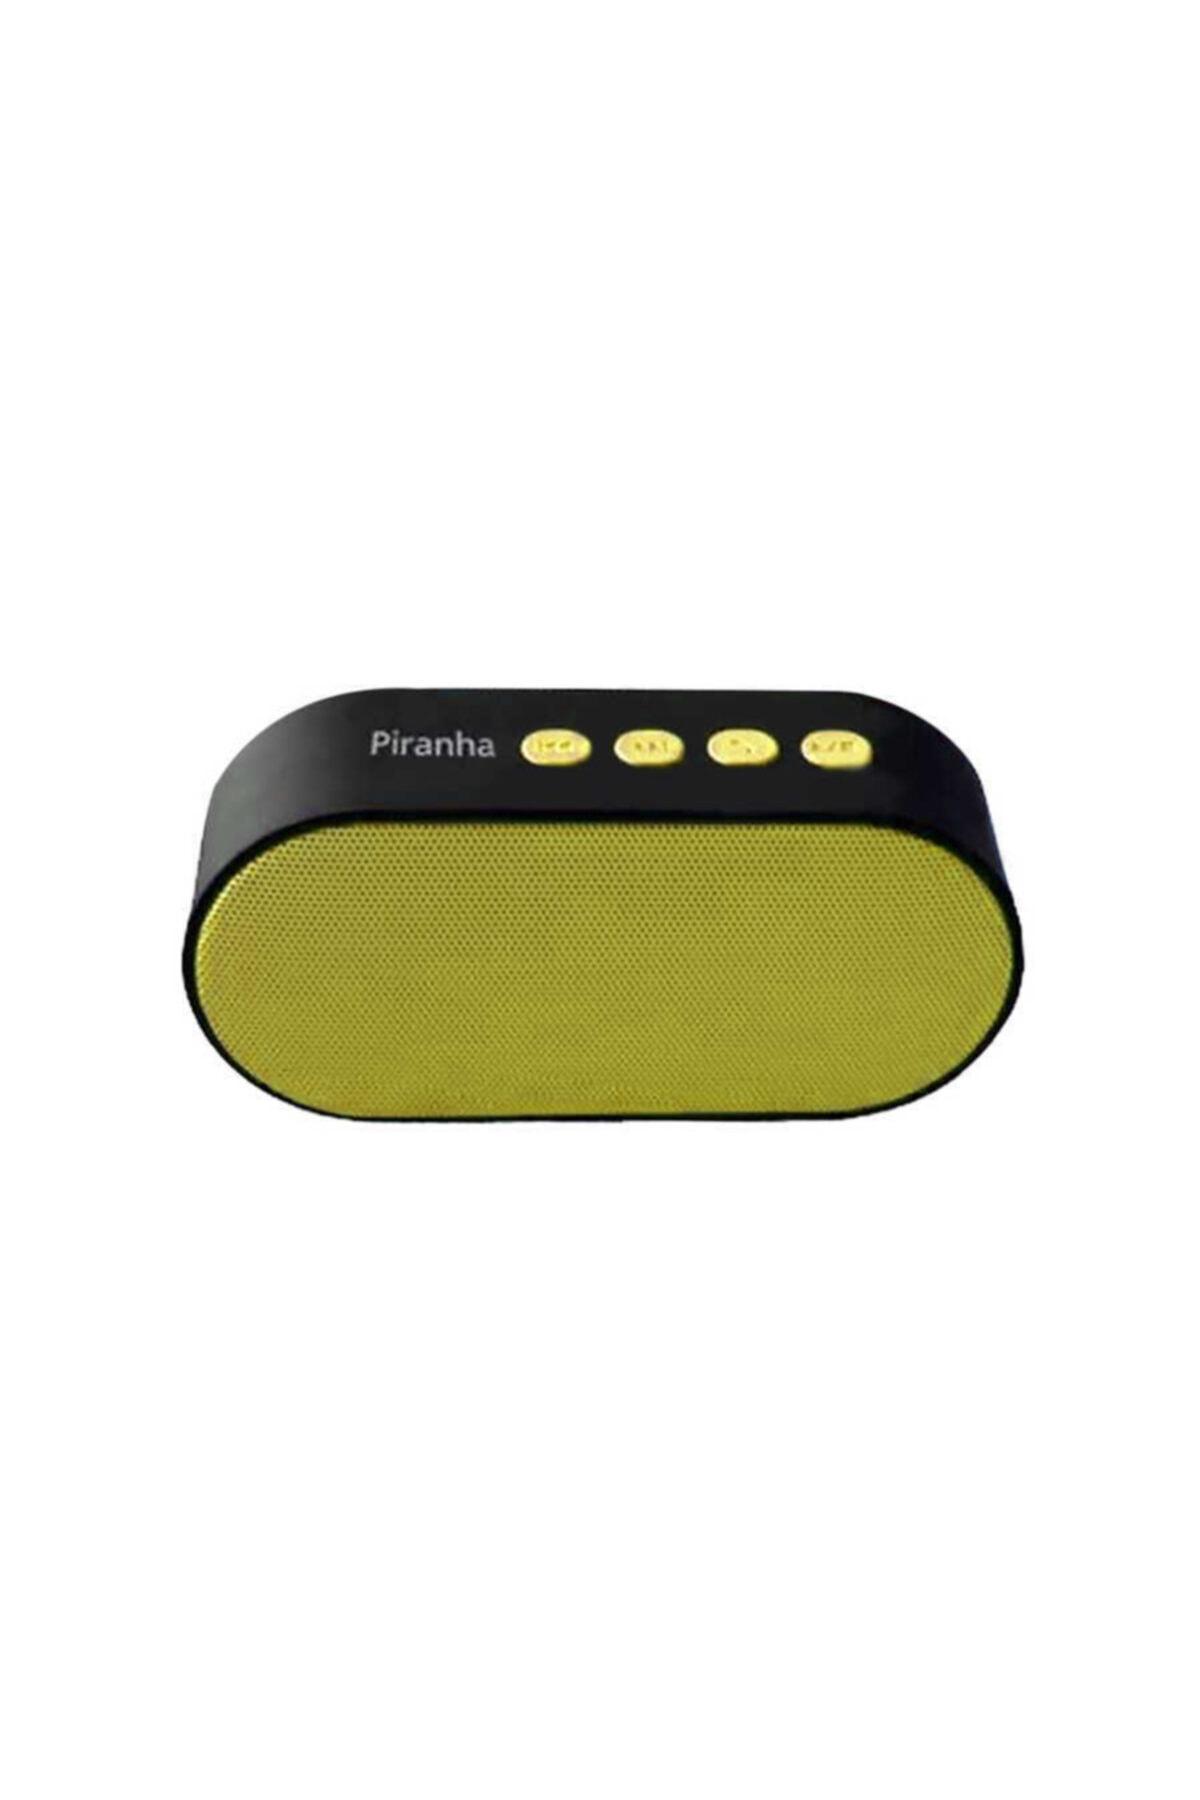 Piranha 7824 Bluetooth Hoparlör Sarı Fiyatı, Yorumları - Trendyol